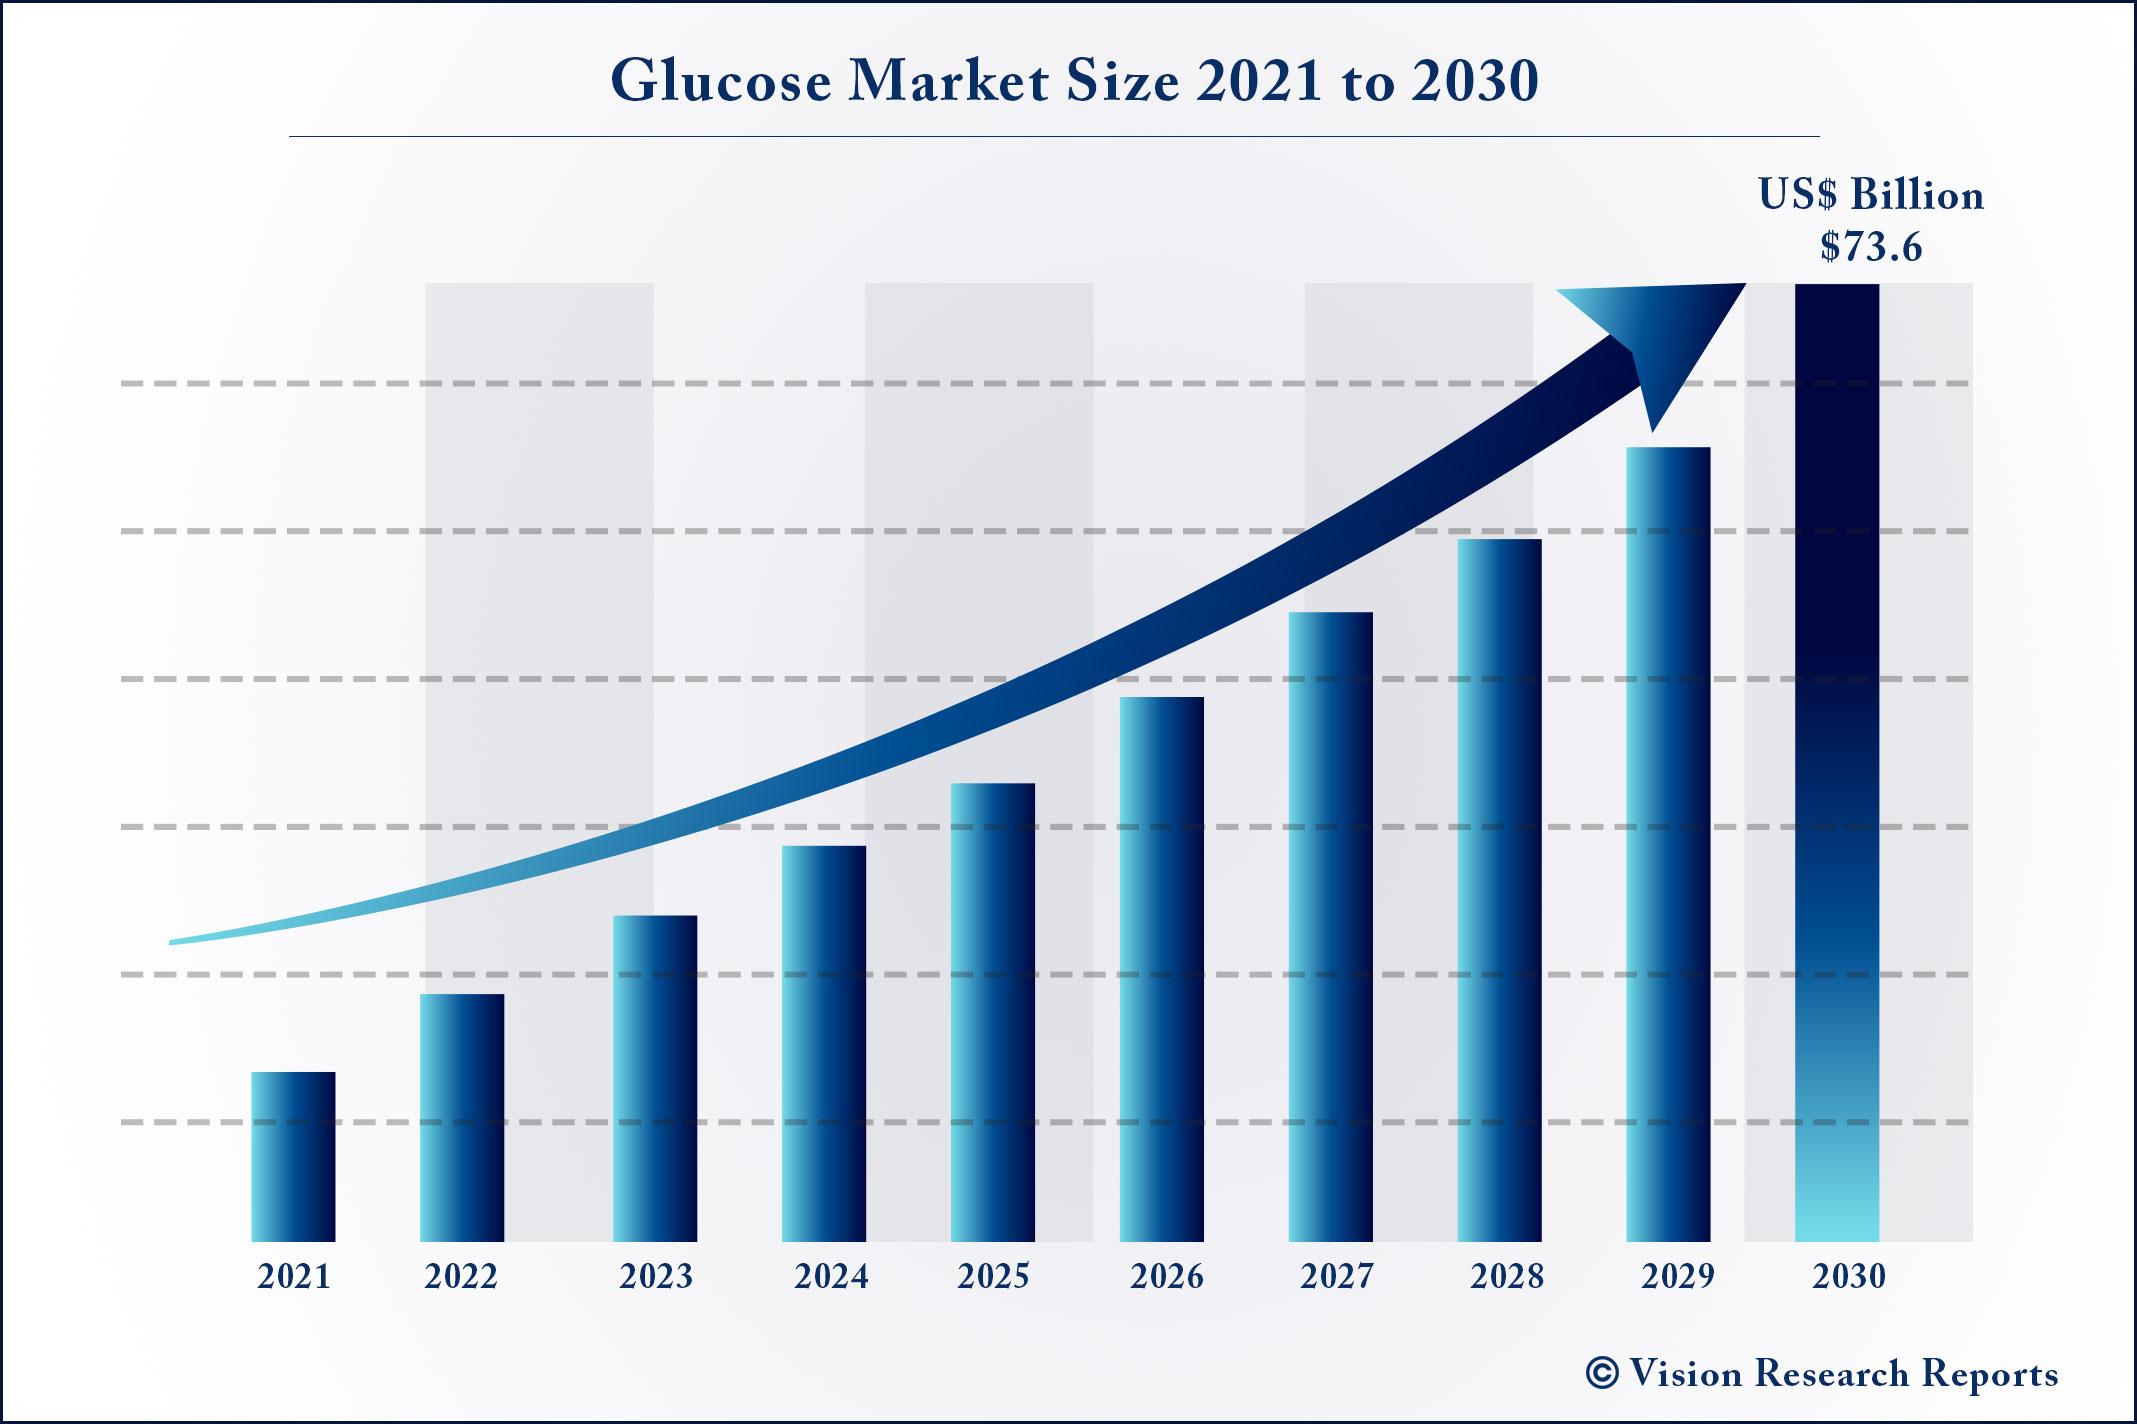 Glucose Market Size 2021 to 2030